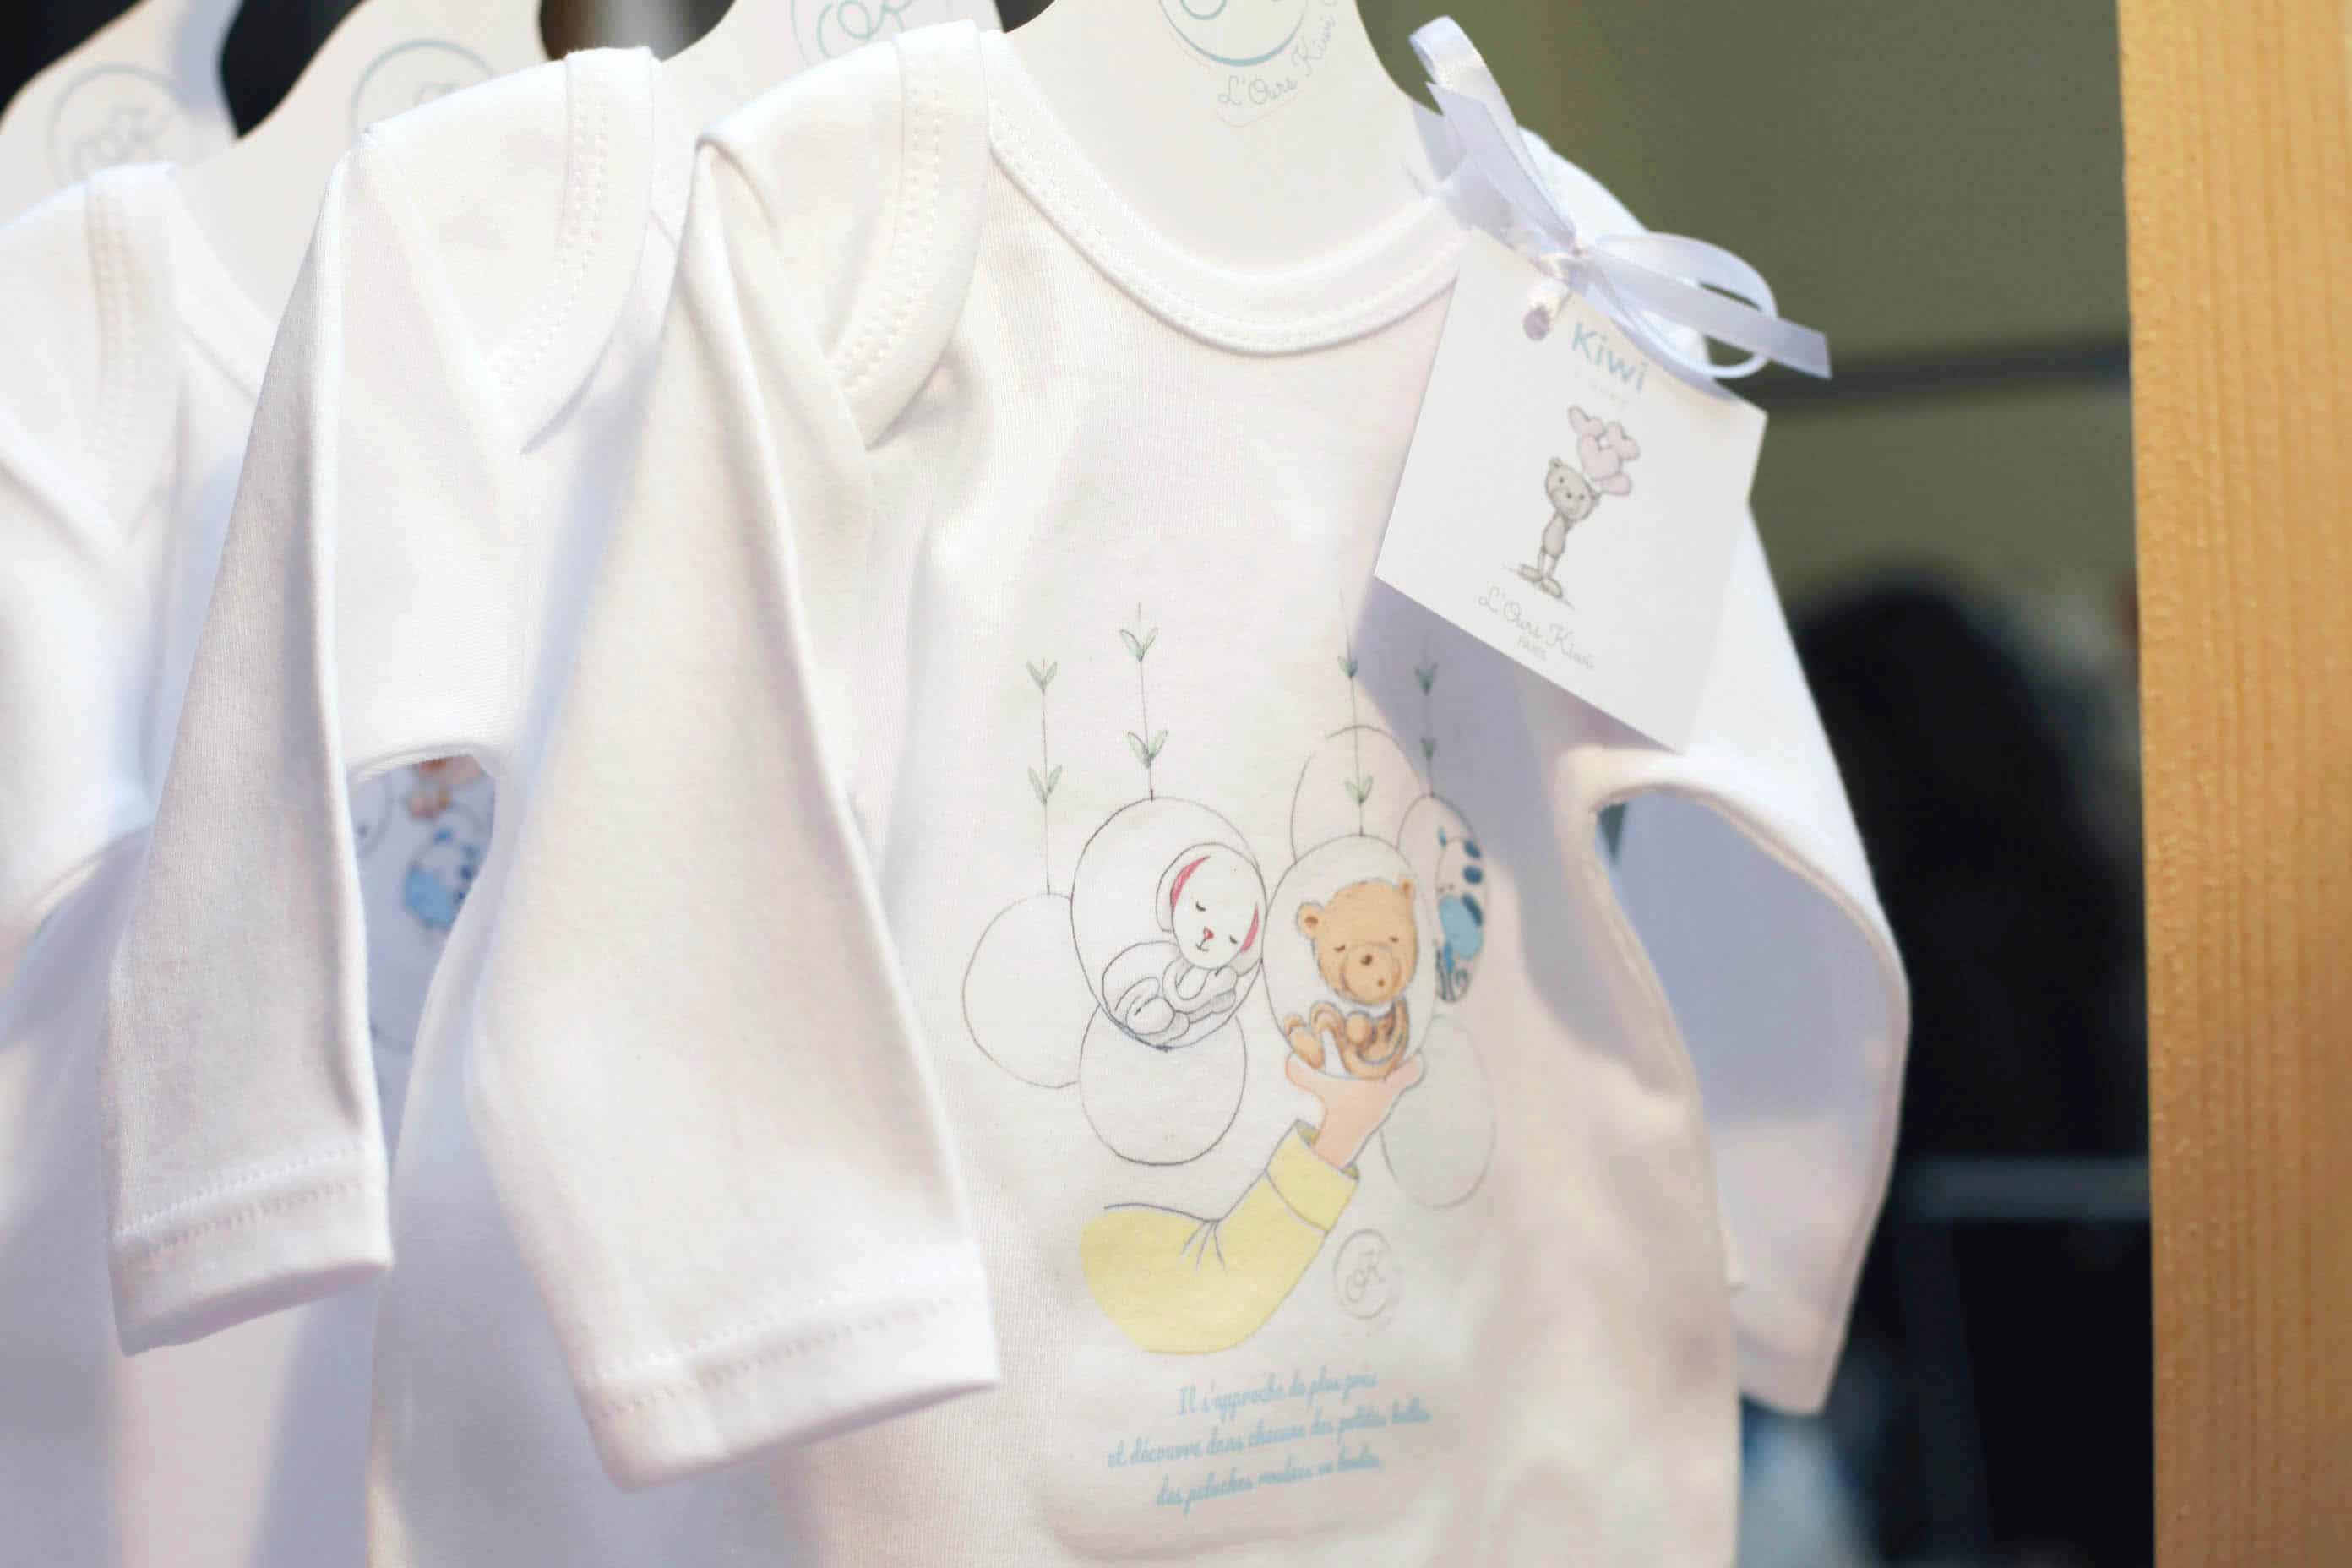 Les bodys pour bébés au salon La belle saison